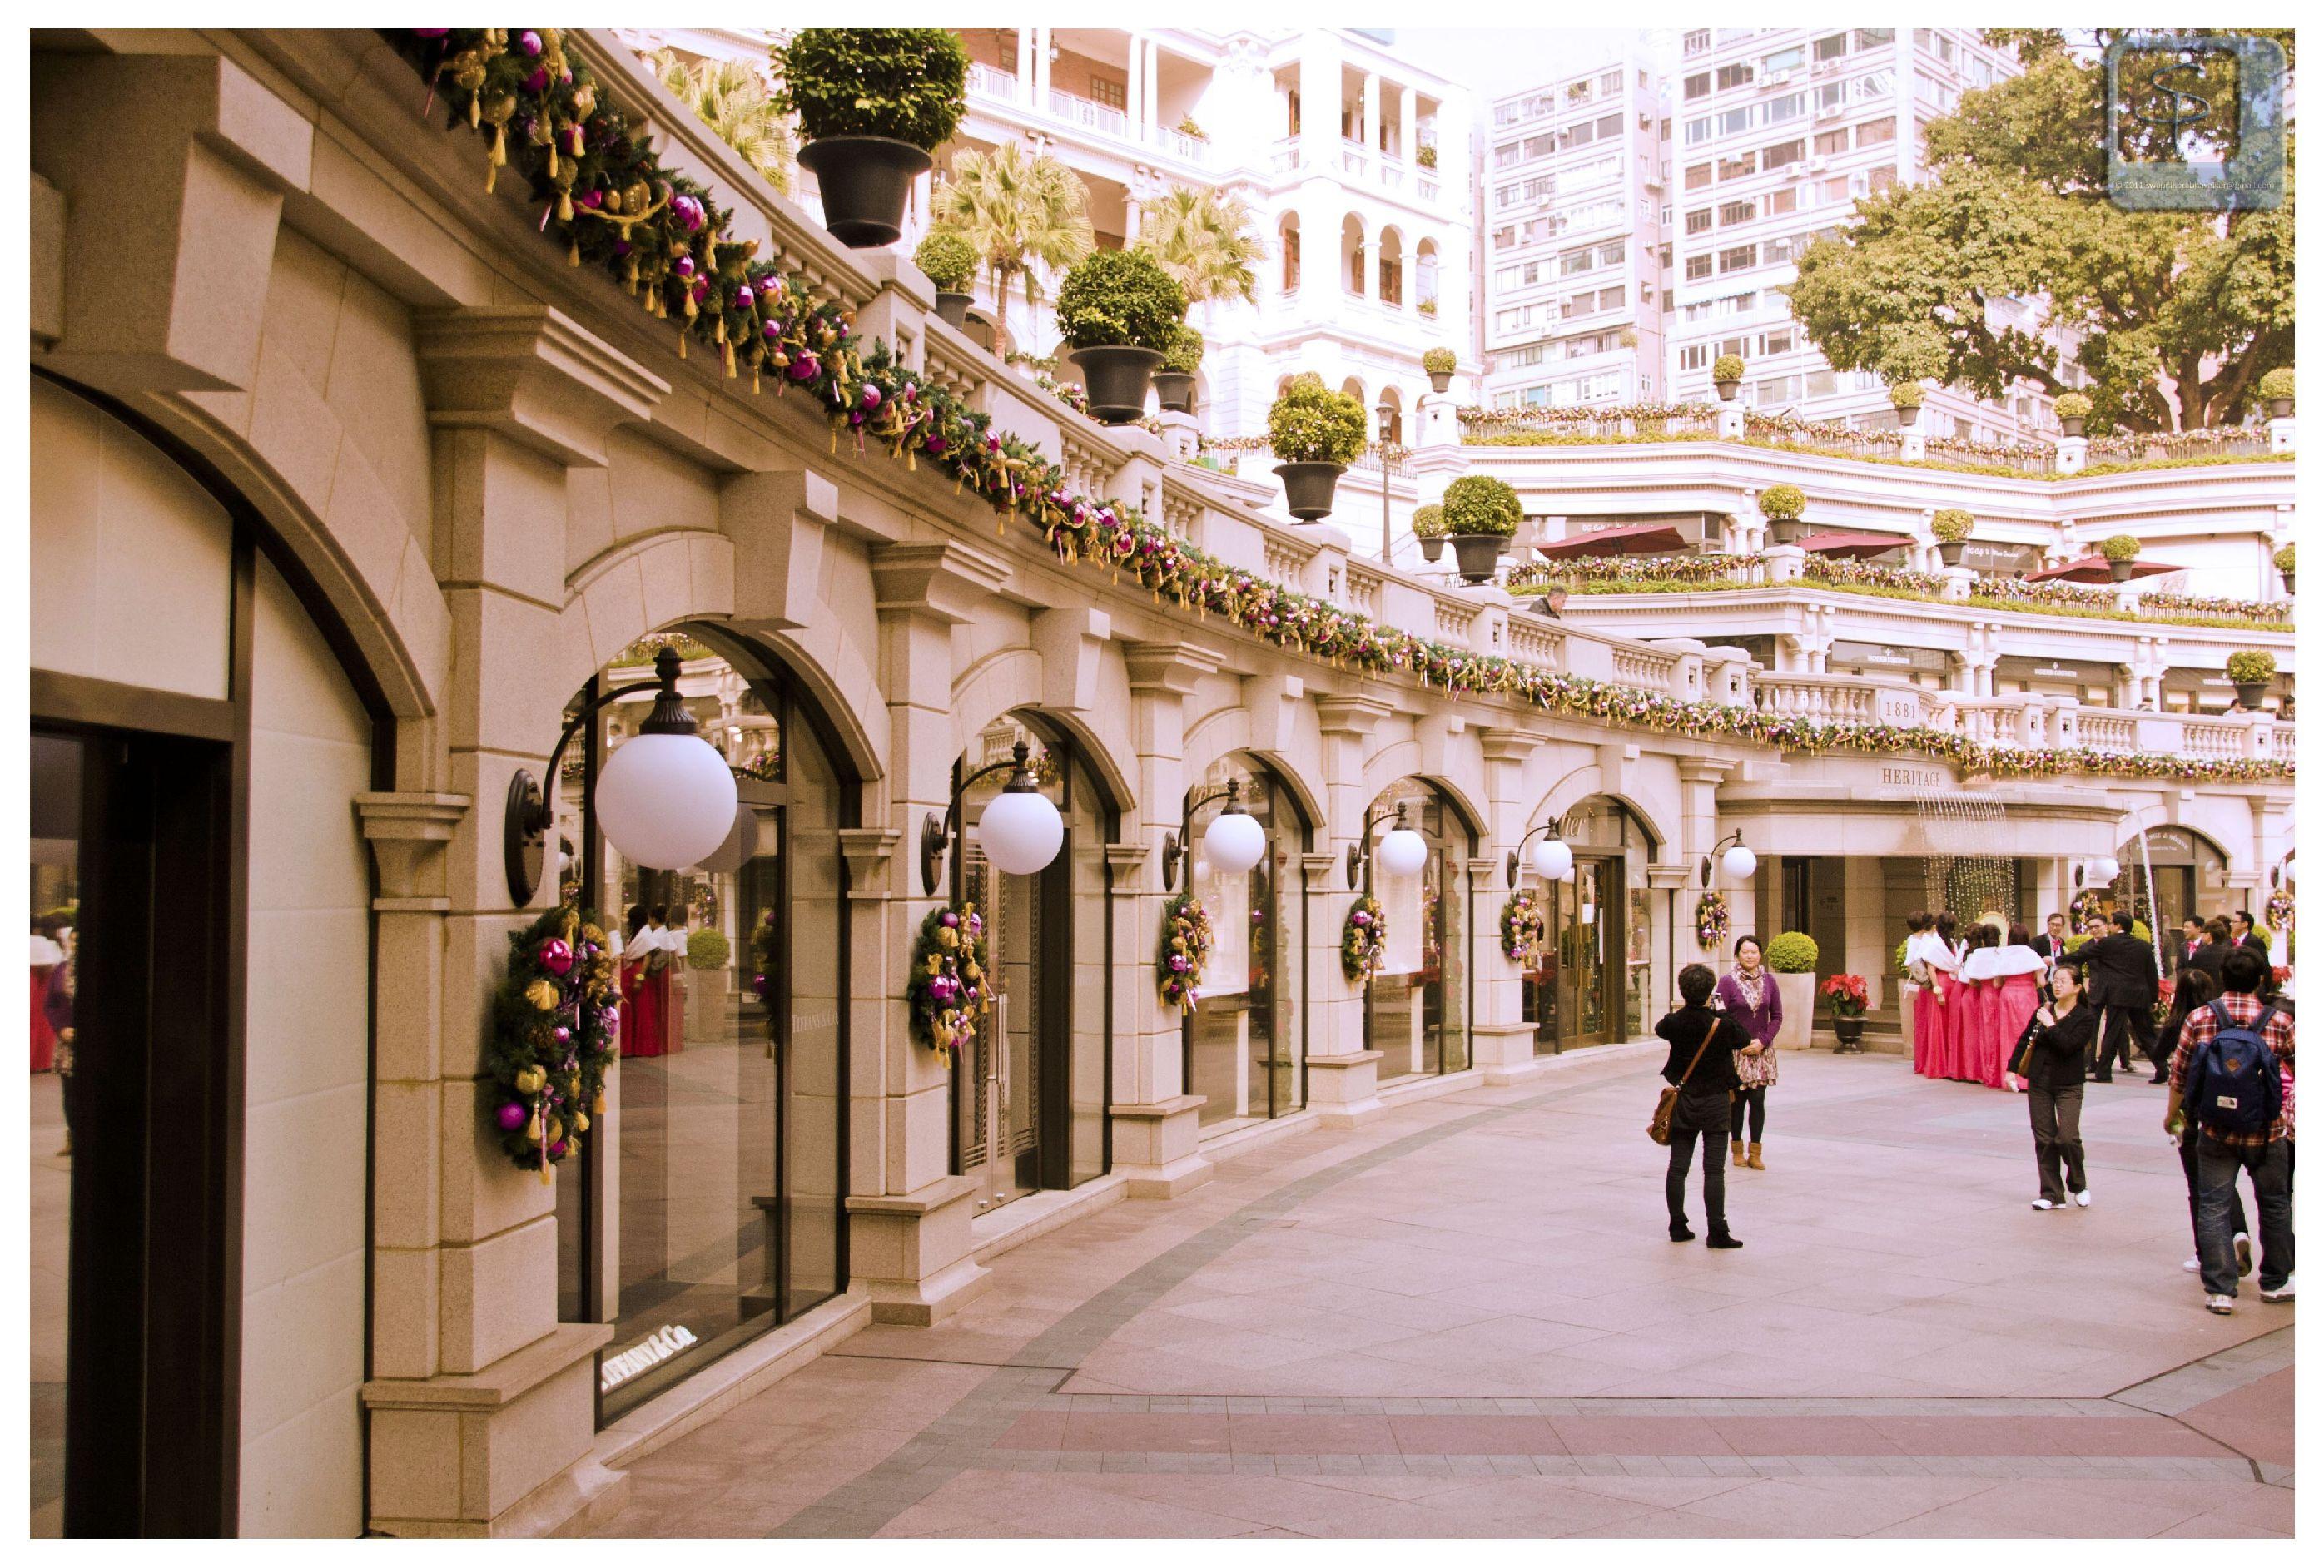 Heritage Hong Kong Hsbc Wikepedia